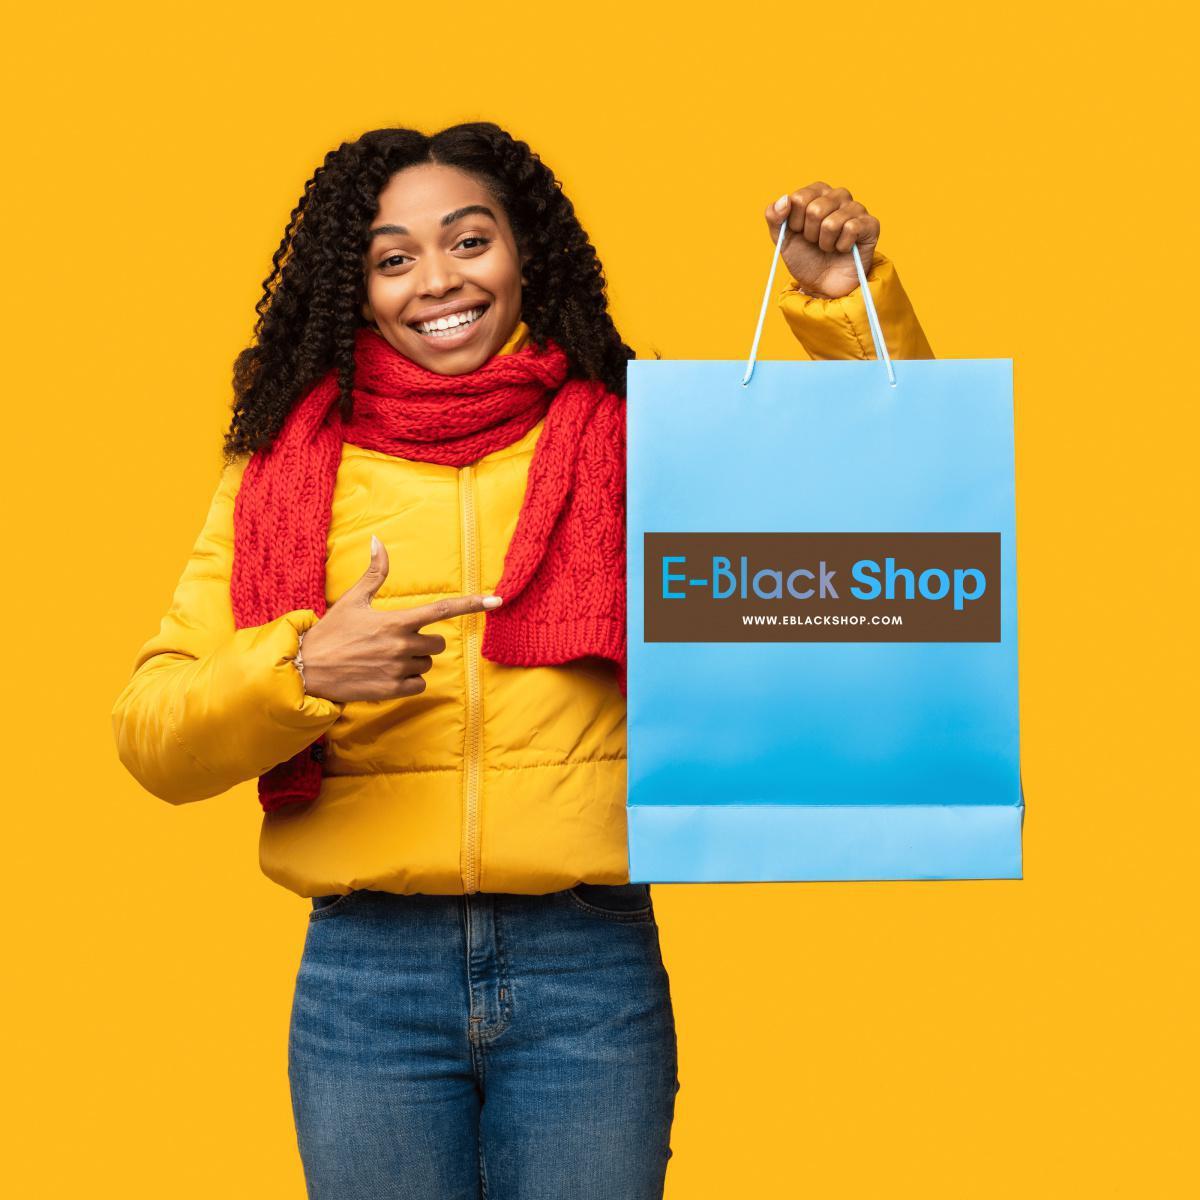 Je veux vendre mes produits sur E-Black Shop by E-Black Infinite